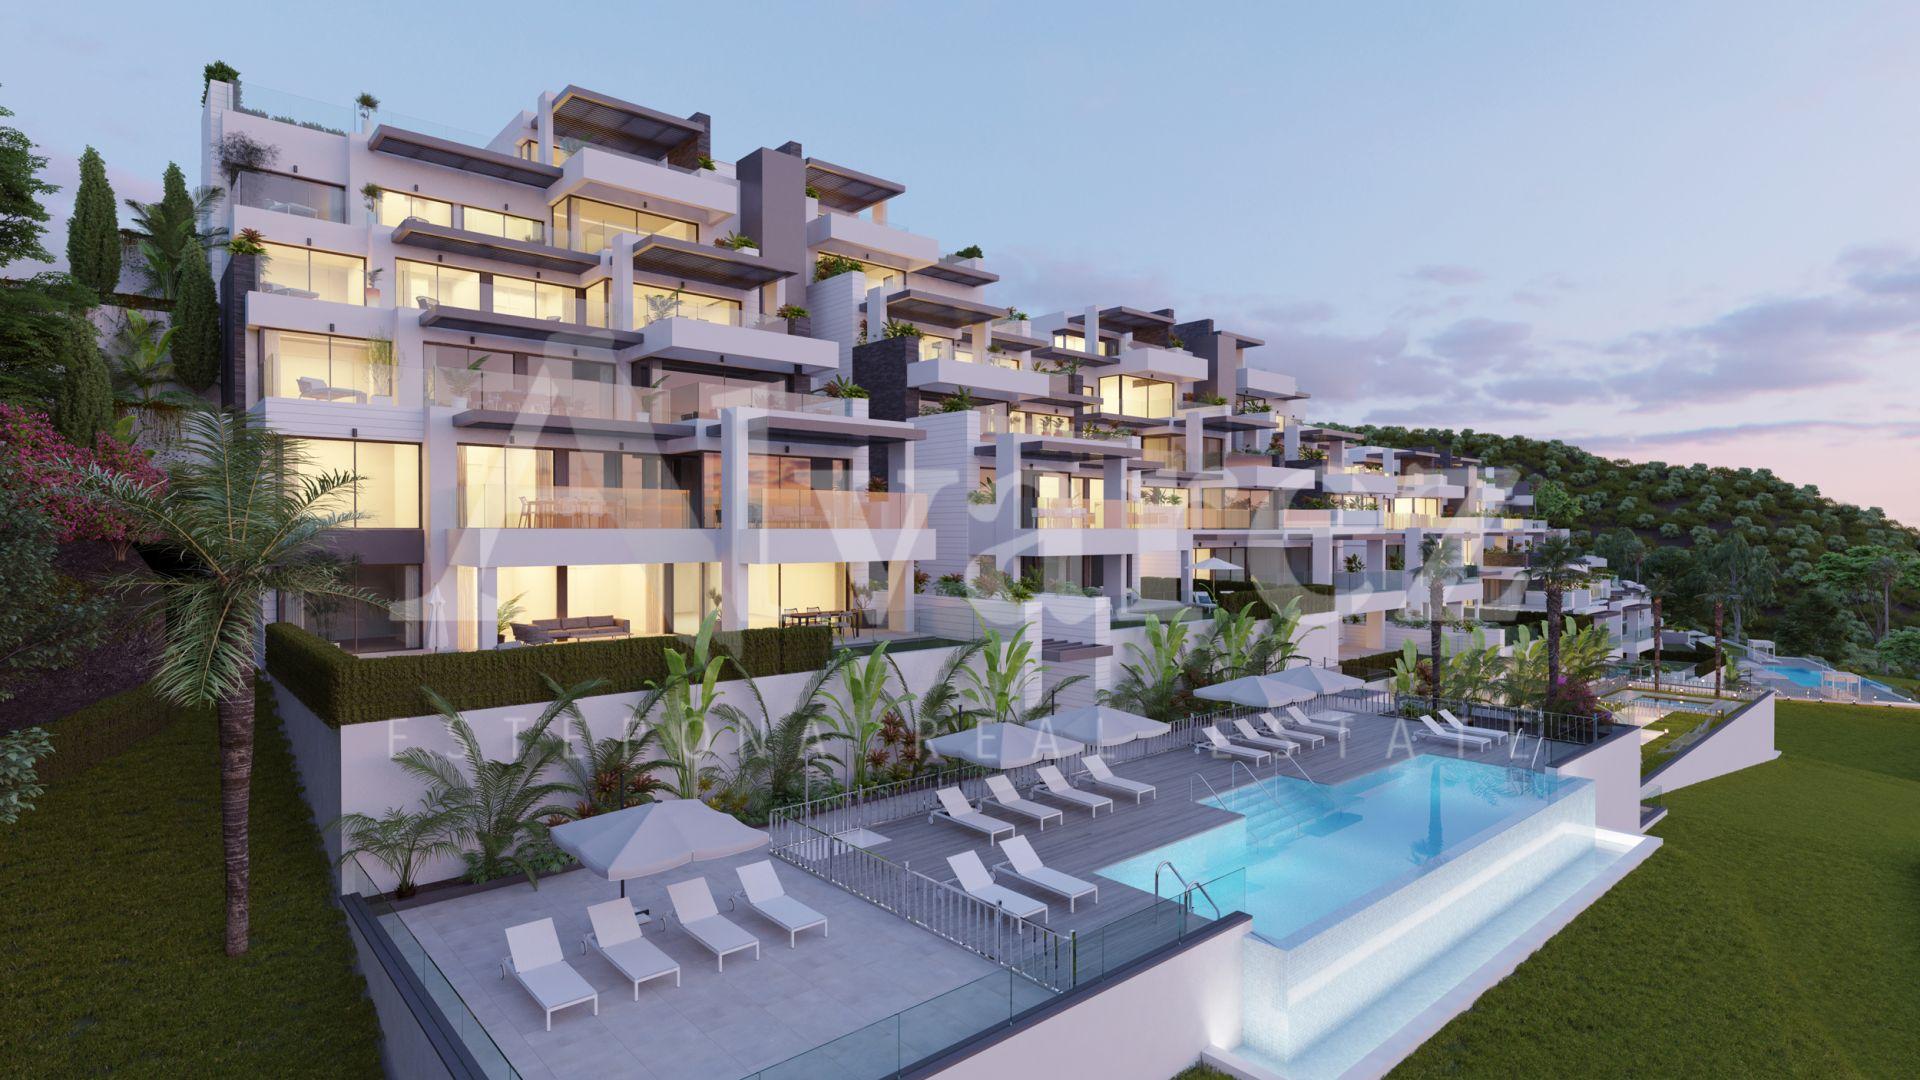 Promoción en Las Colinas de Marbella, Benahavis